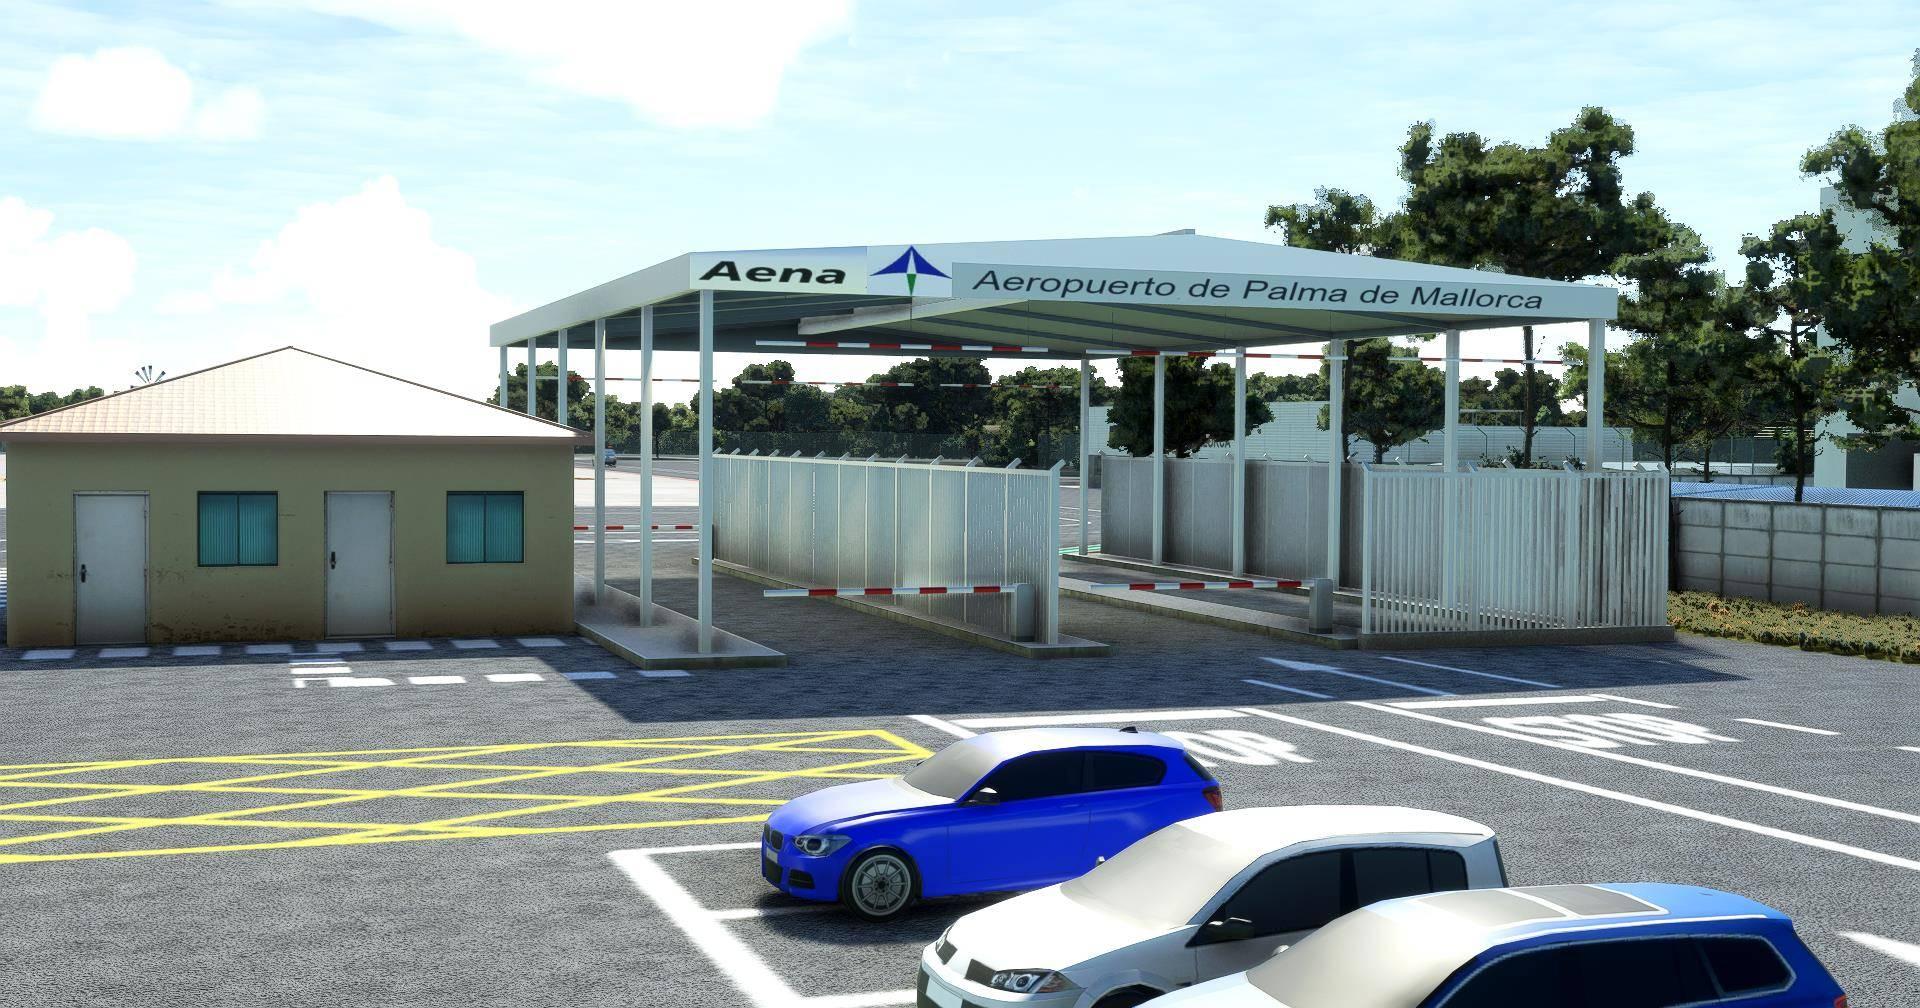 palma-de-mallorca-airport-microsoft-flight-simulator_48_ss_l_211008080125